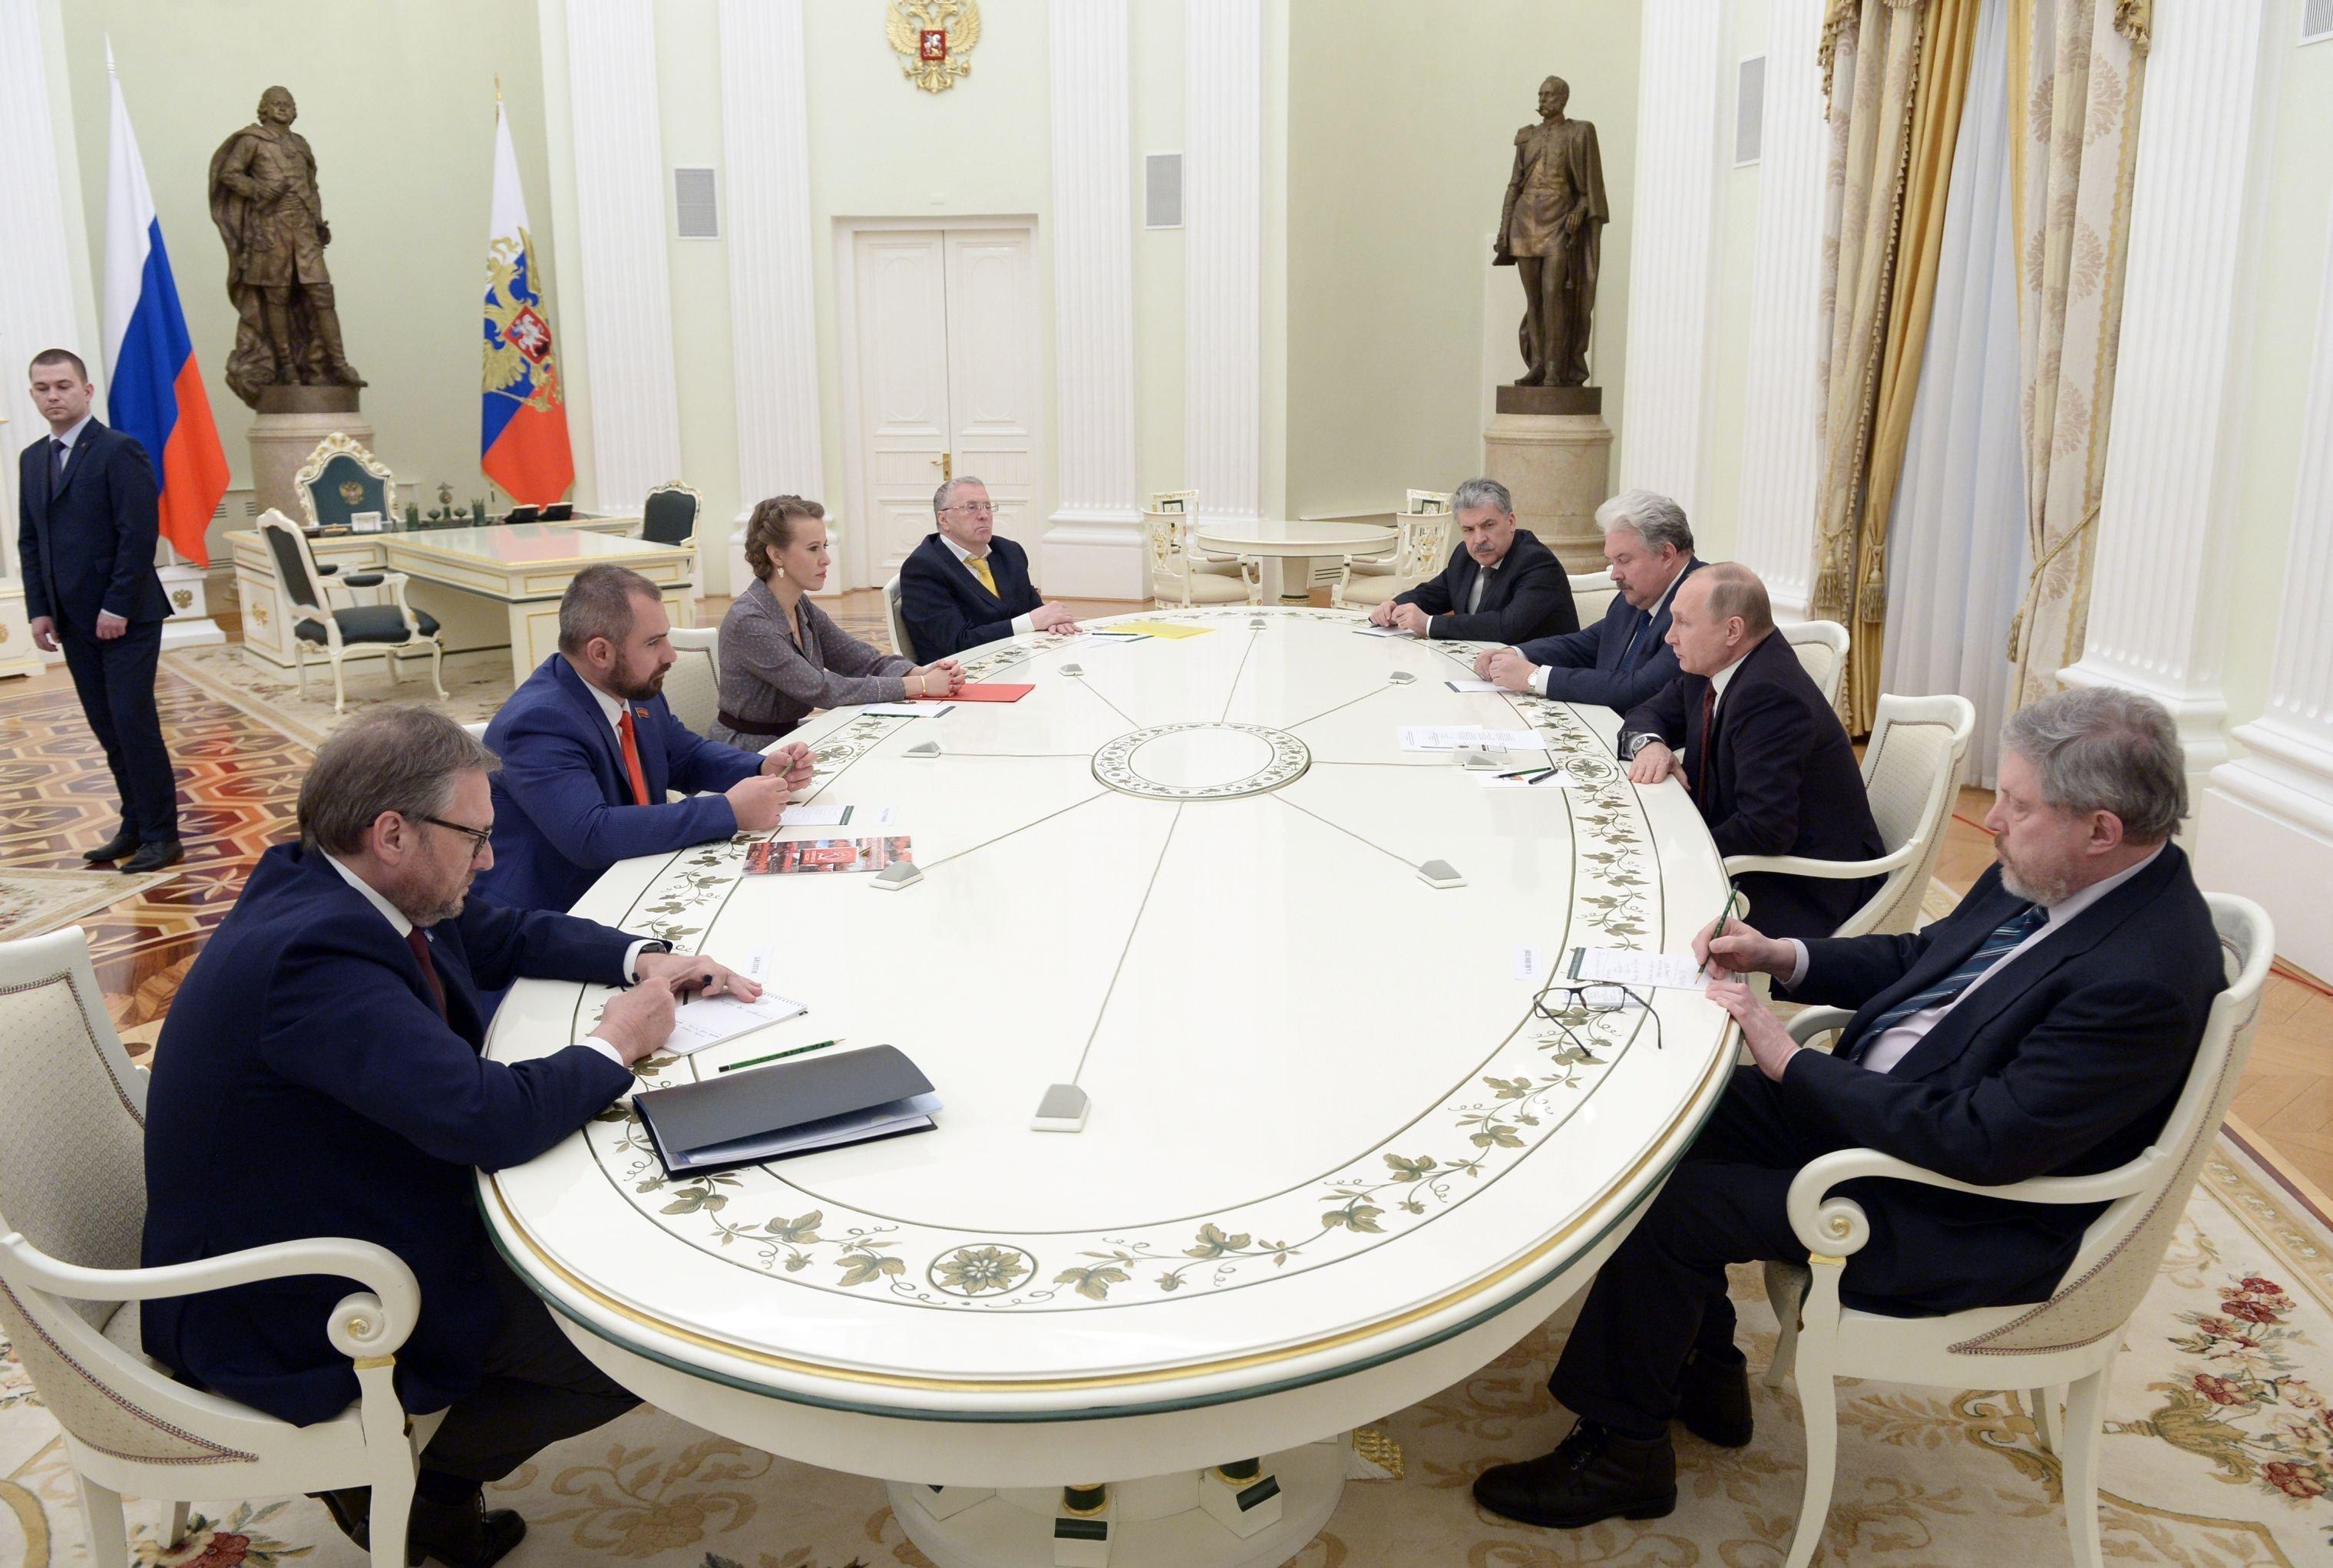 Prezydent Rosji Władimir Putin na spotkaniu z kandydatami na prezydenta Rosji